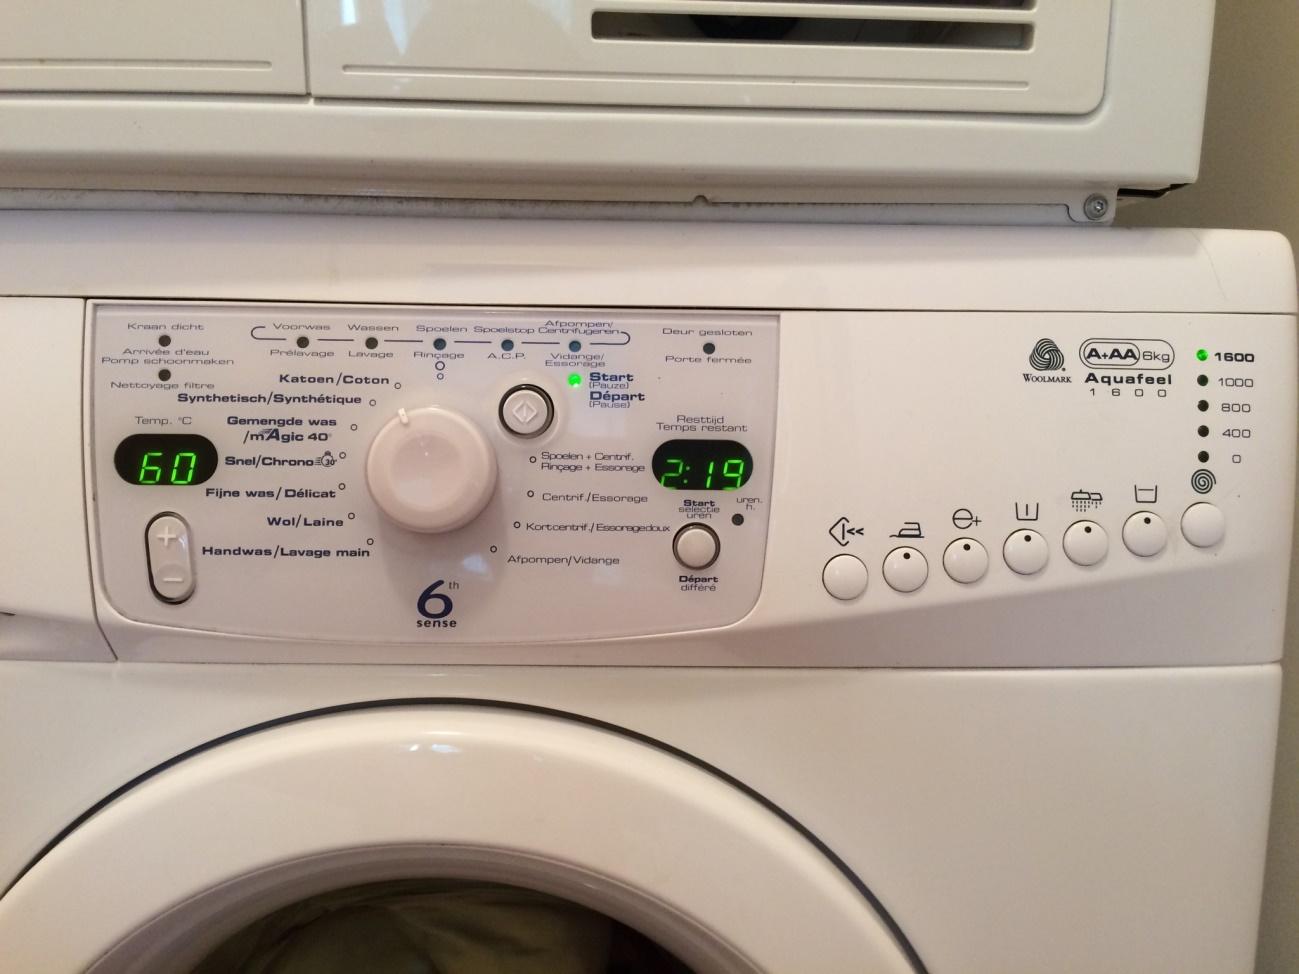 ベルギーの洗濯機はメーカーが違ってもデザインは同じ?